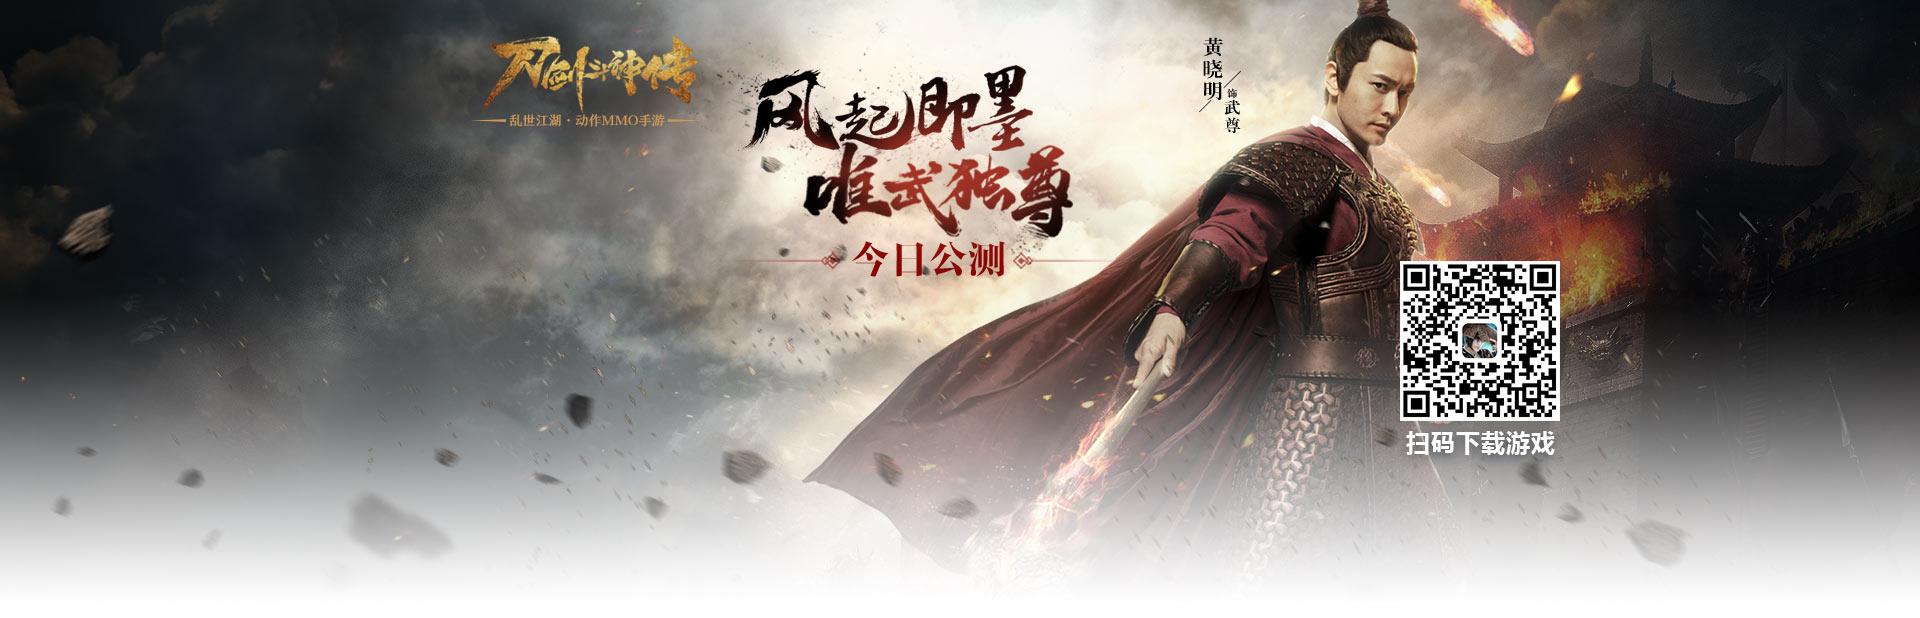 《刀剑斗神传》官网